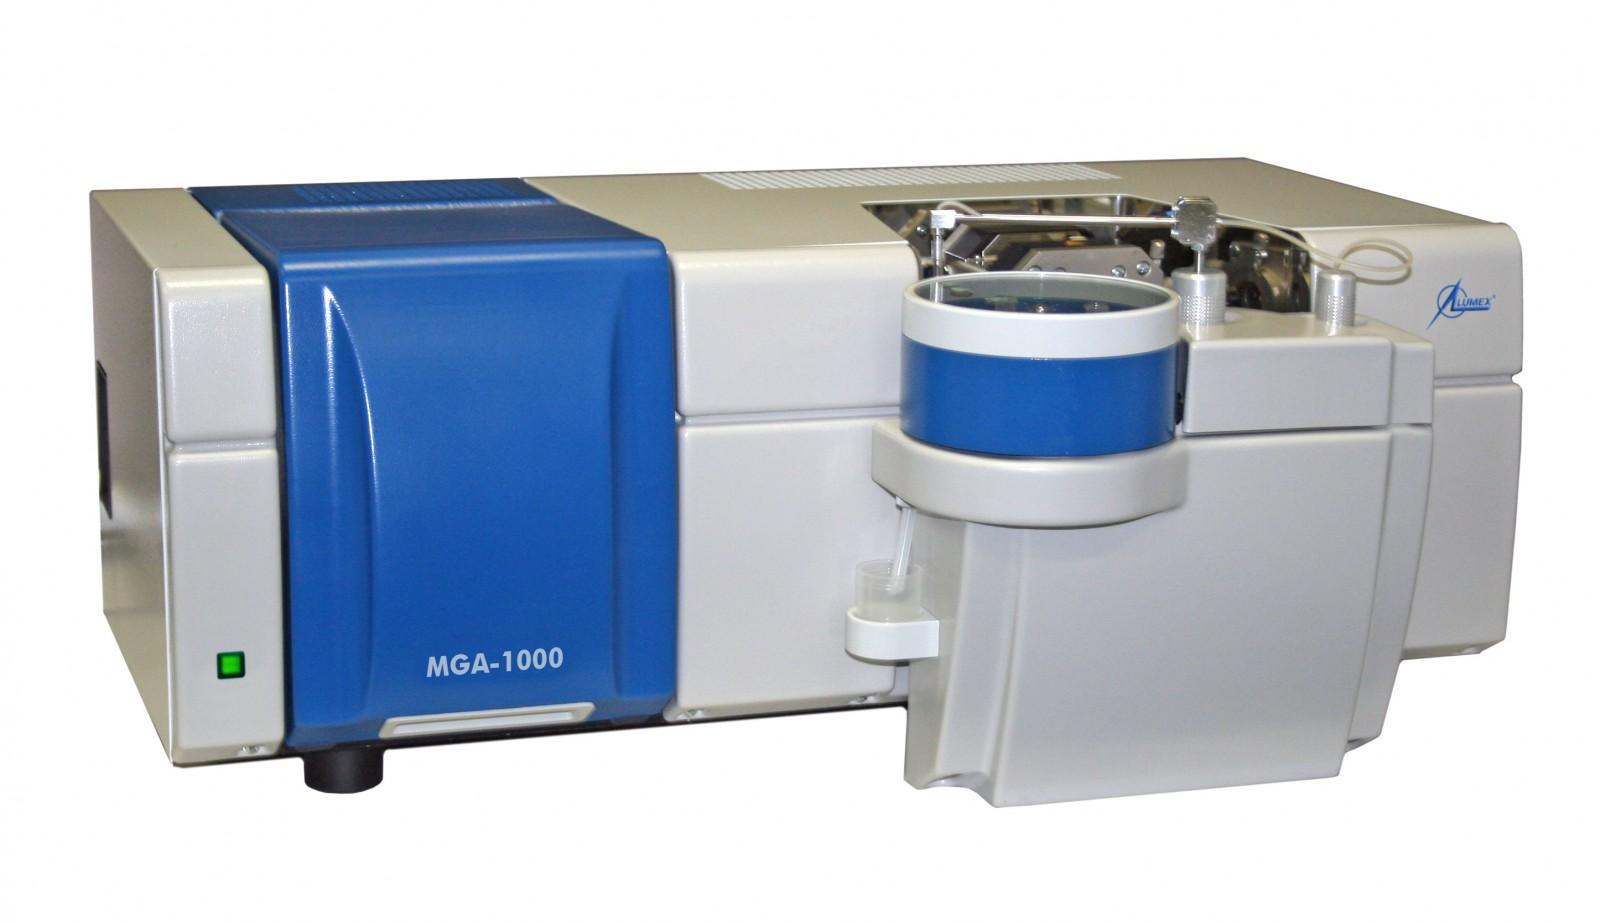 Banco Di Lavoro Per Laboratorio Chimico : Strumenti e apparecchi per laboratori chimici · nuova tecnogalenica